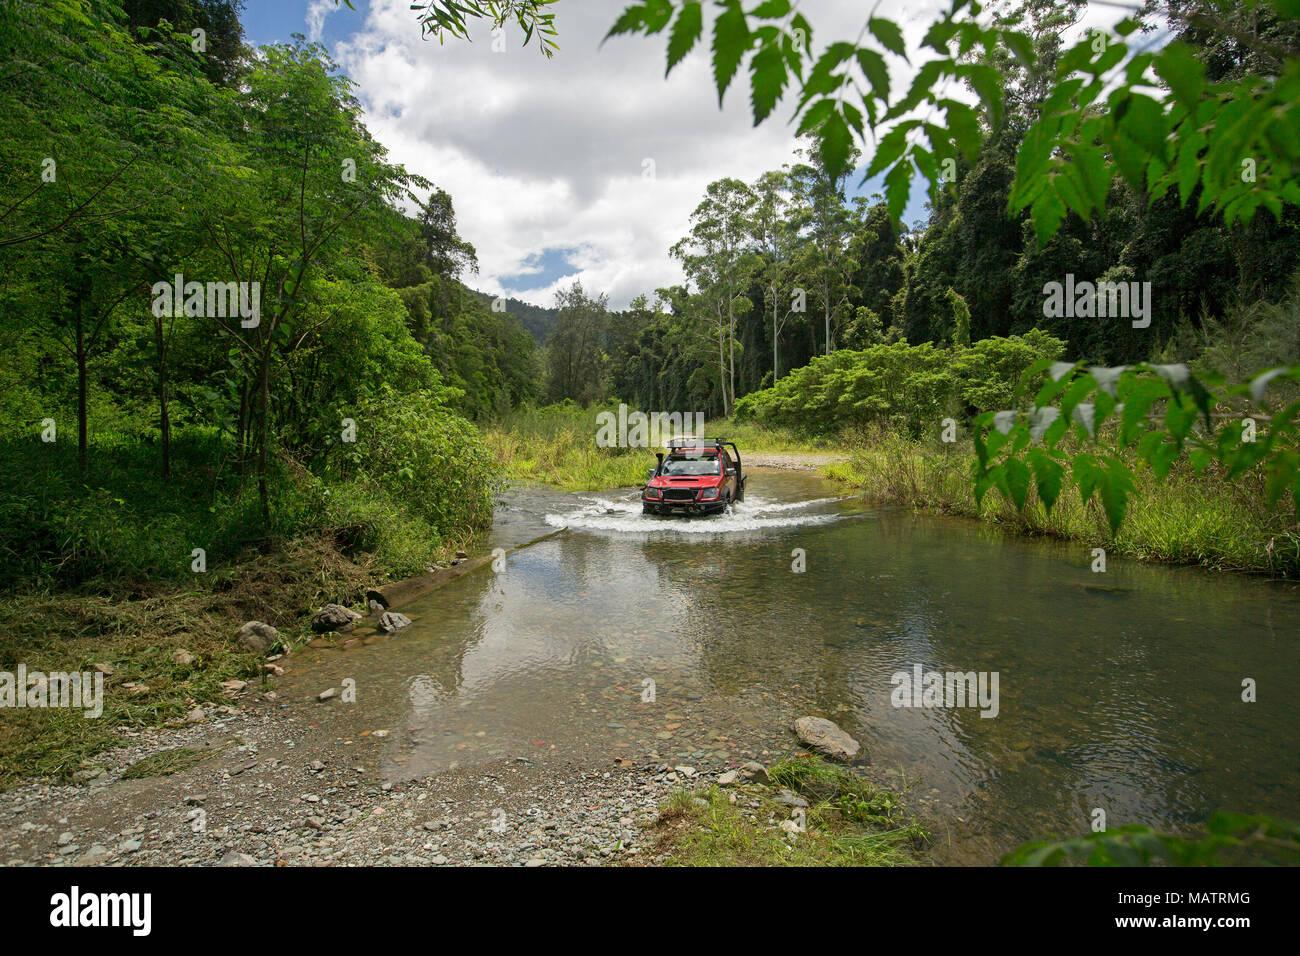 Rossa a quattro ruote motrici incrocio veicolo creek orlati con foreste di smeraldo in gamme Conondale Parco Nazionale di Queensland in Australia Immagini Stock